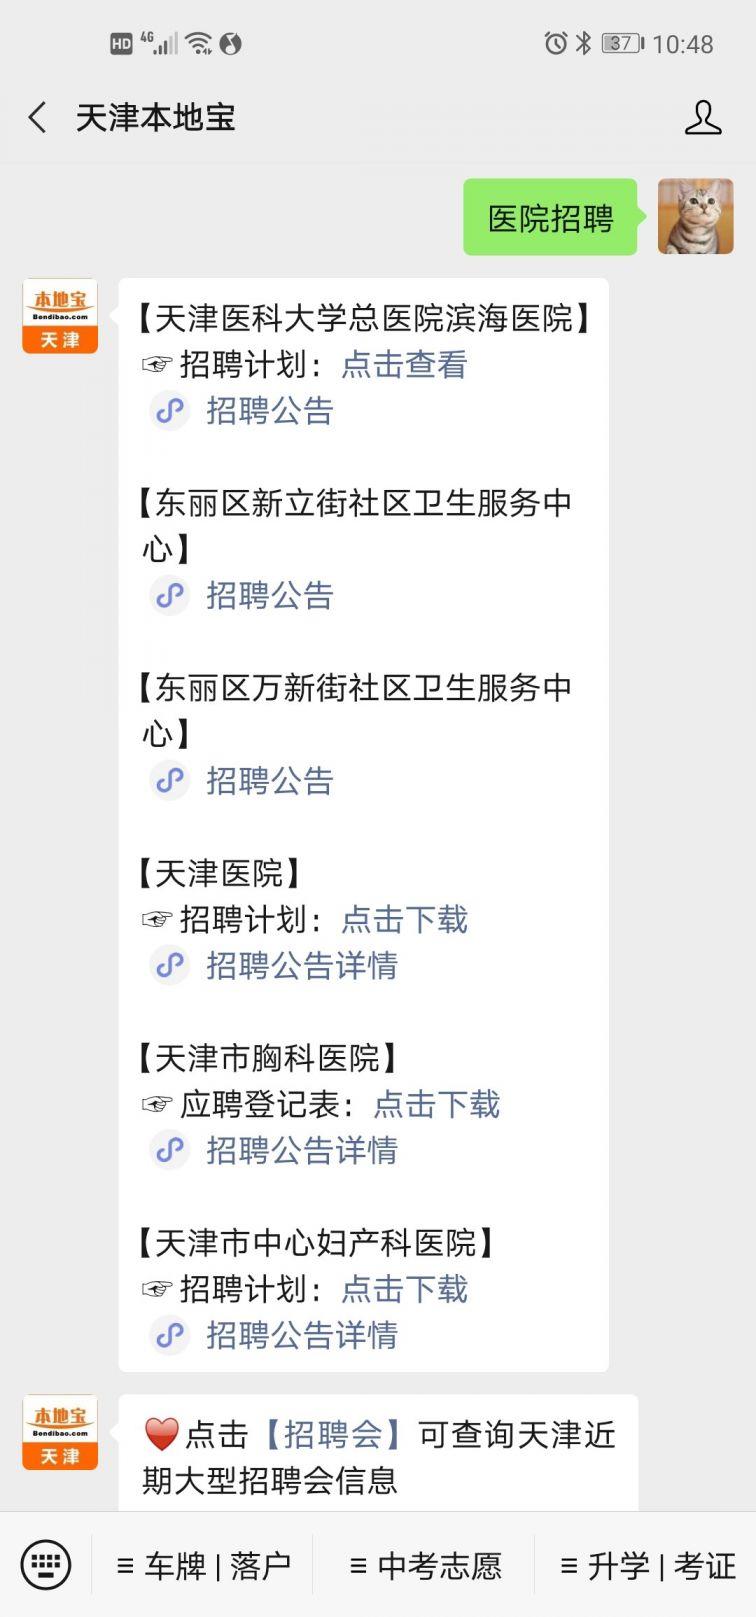 2020年天津市河东区卫生健康系统招聘公告详情(附招聘计划表)